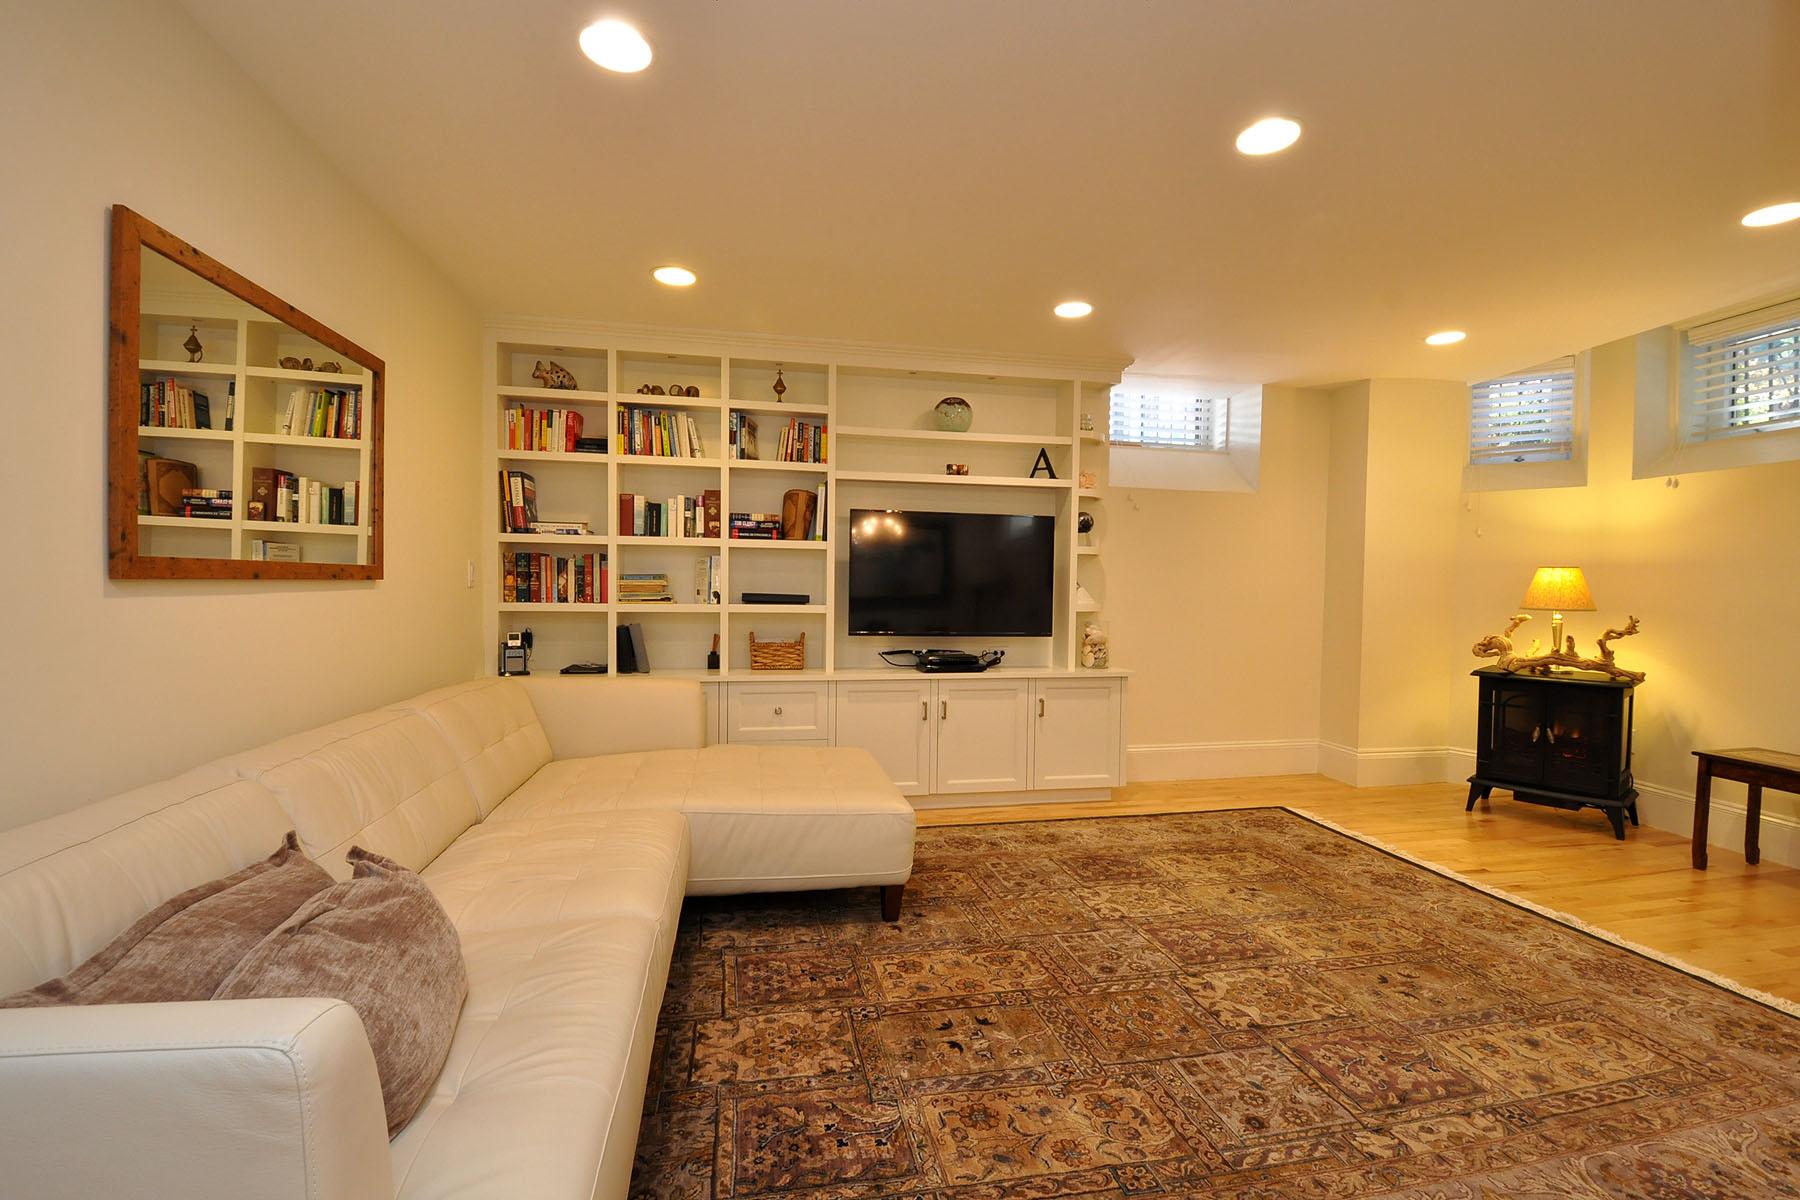 Eigentumswohnung für Verkauf beim Wonderfully Renovated Contemporary 301 Shawmut Ave Unit 30 South End, Boston, Massachusetts 02118 Vereinigte Staaten